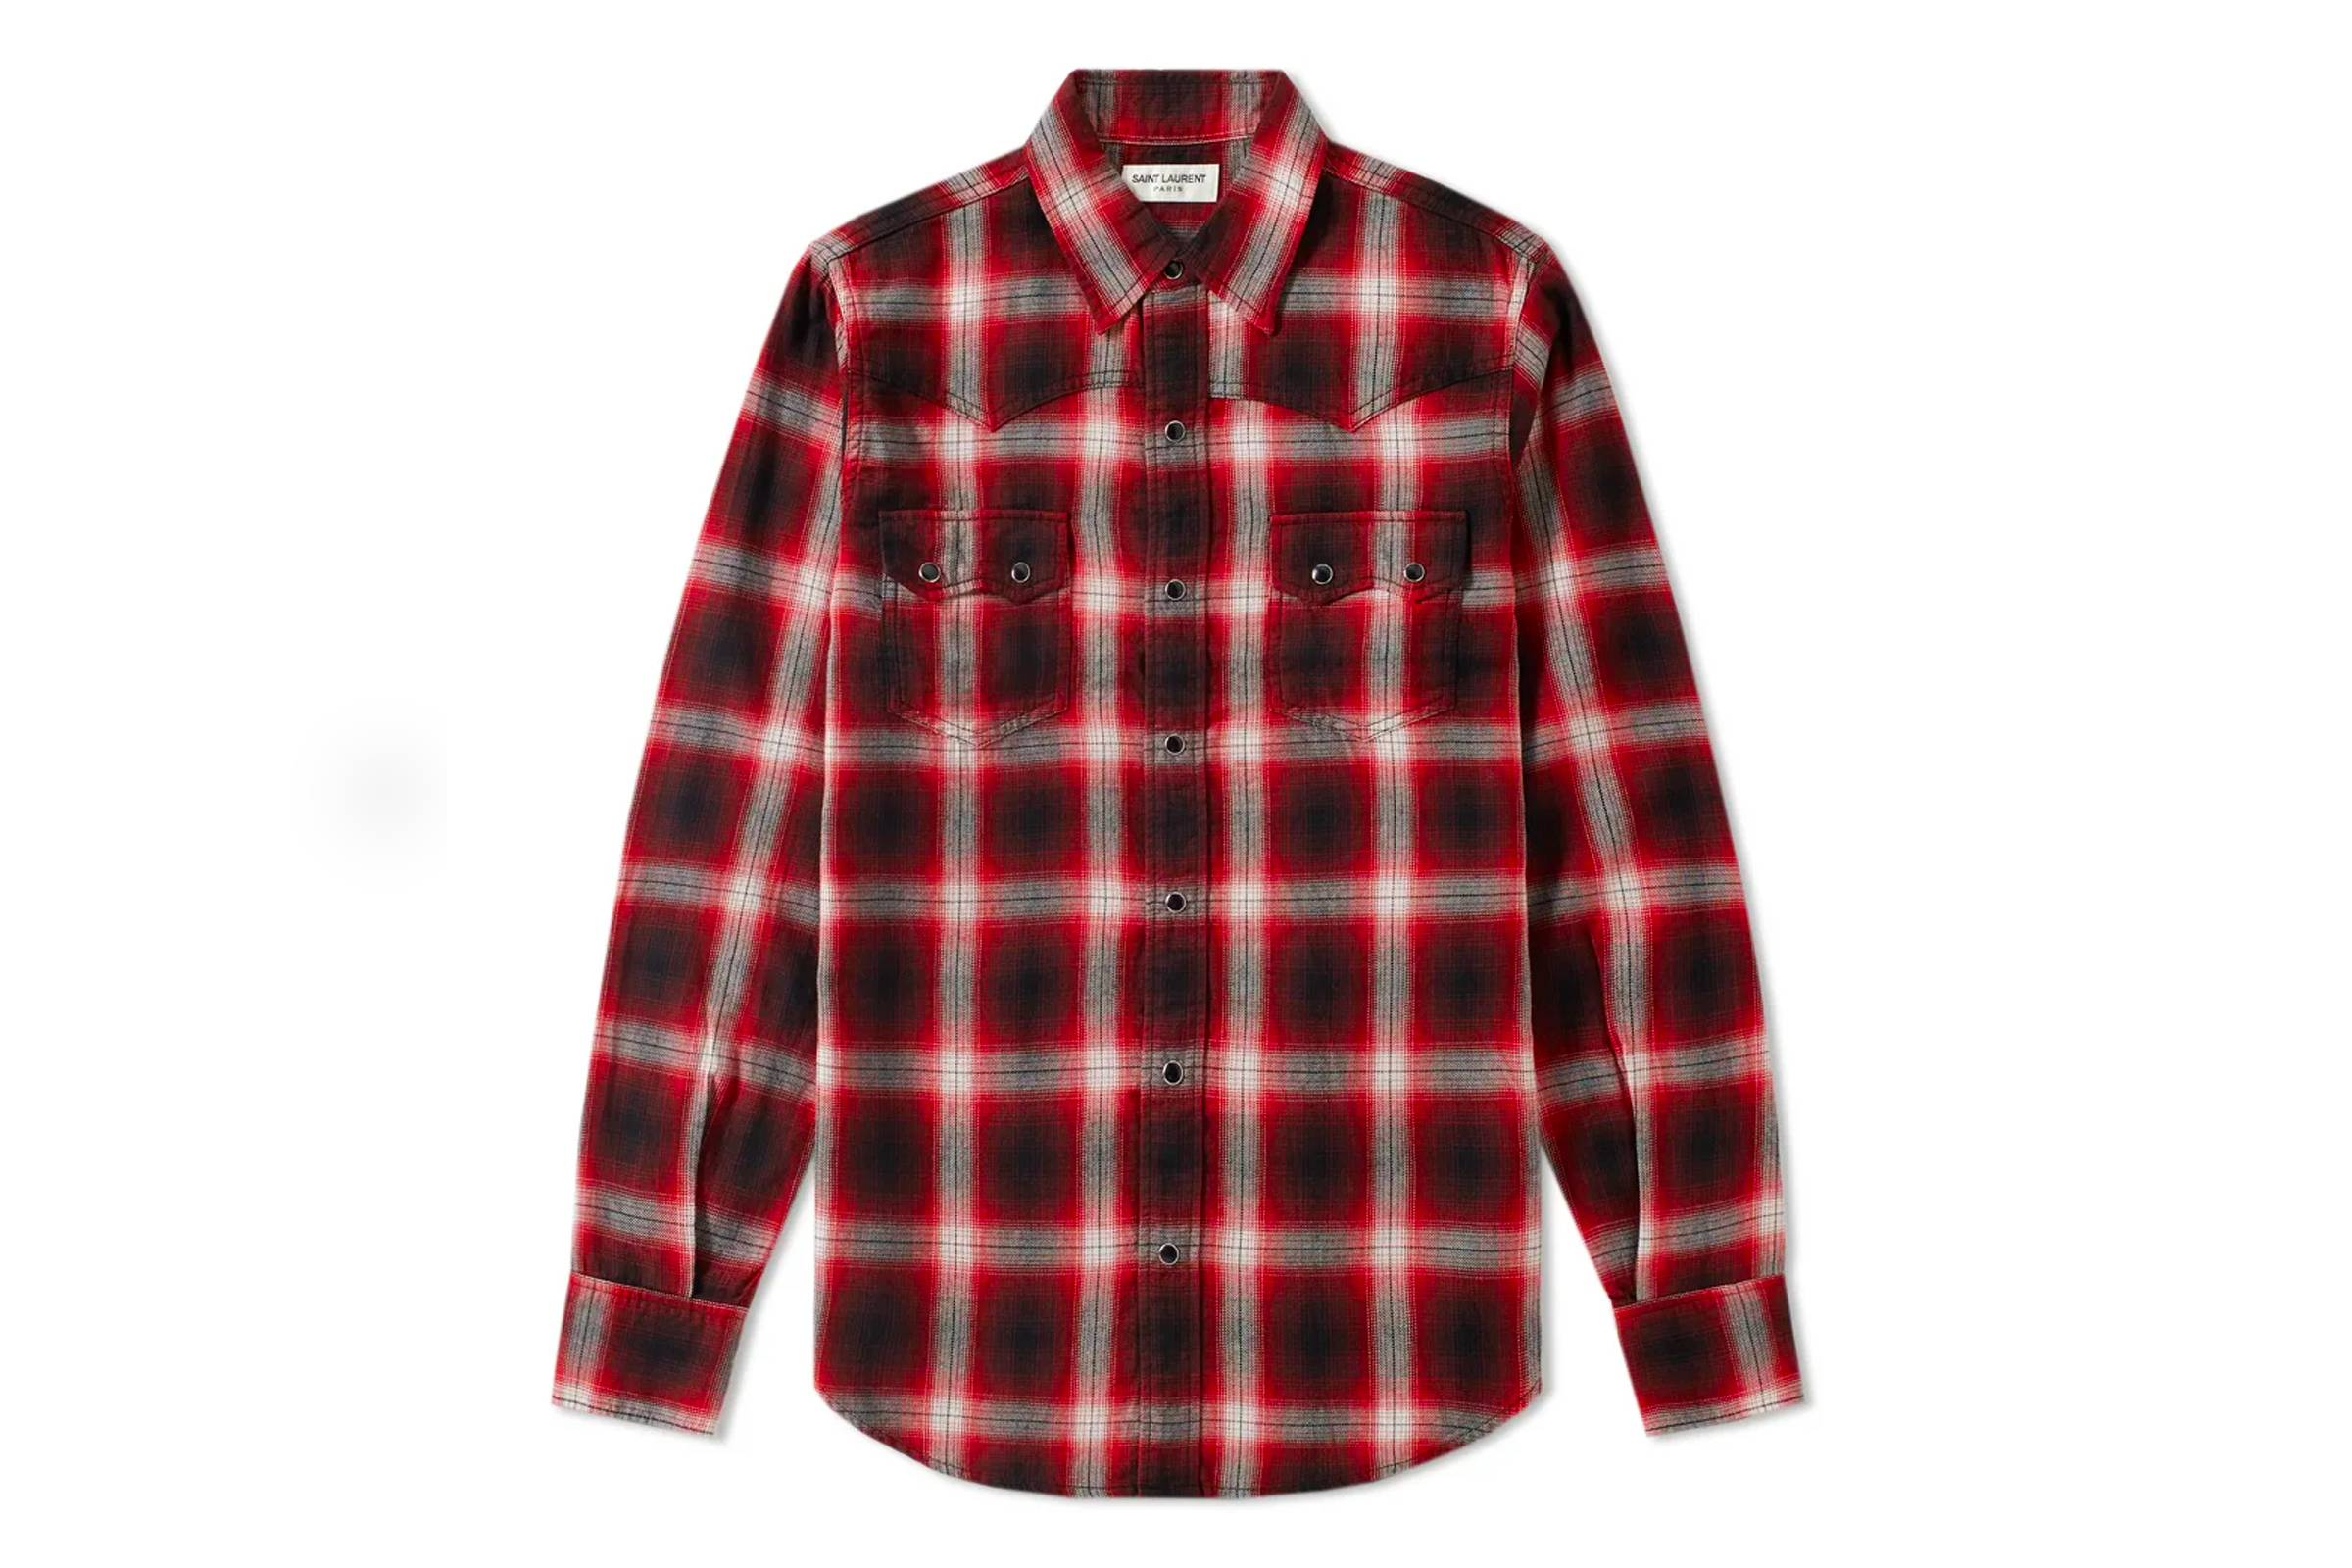 10. Saint Laurent Flannel Shirt